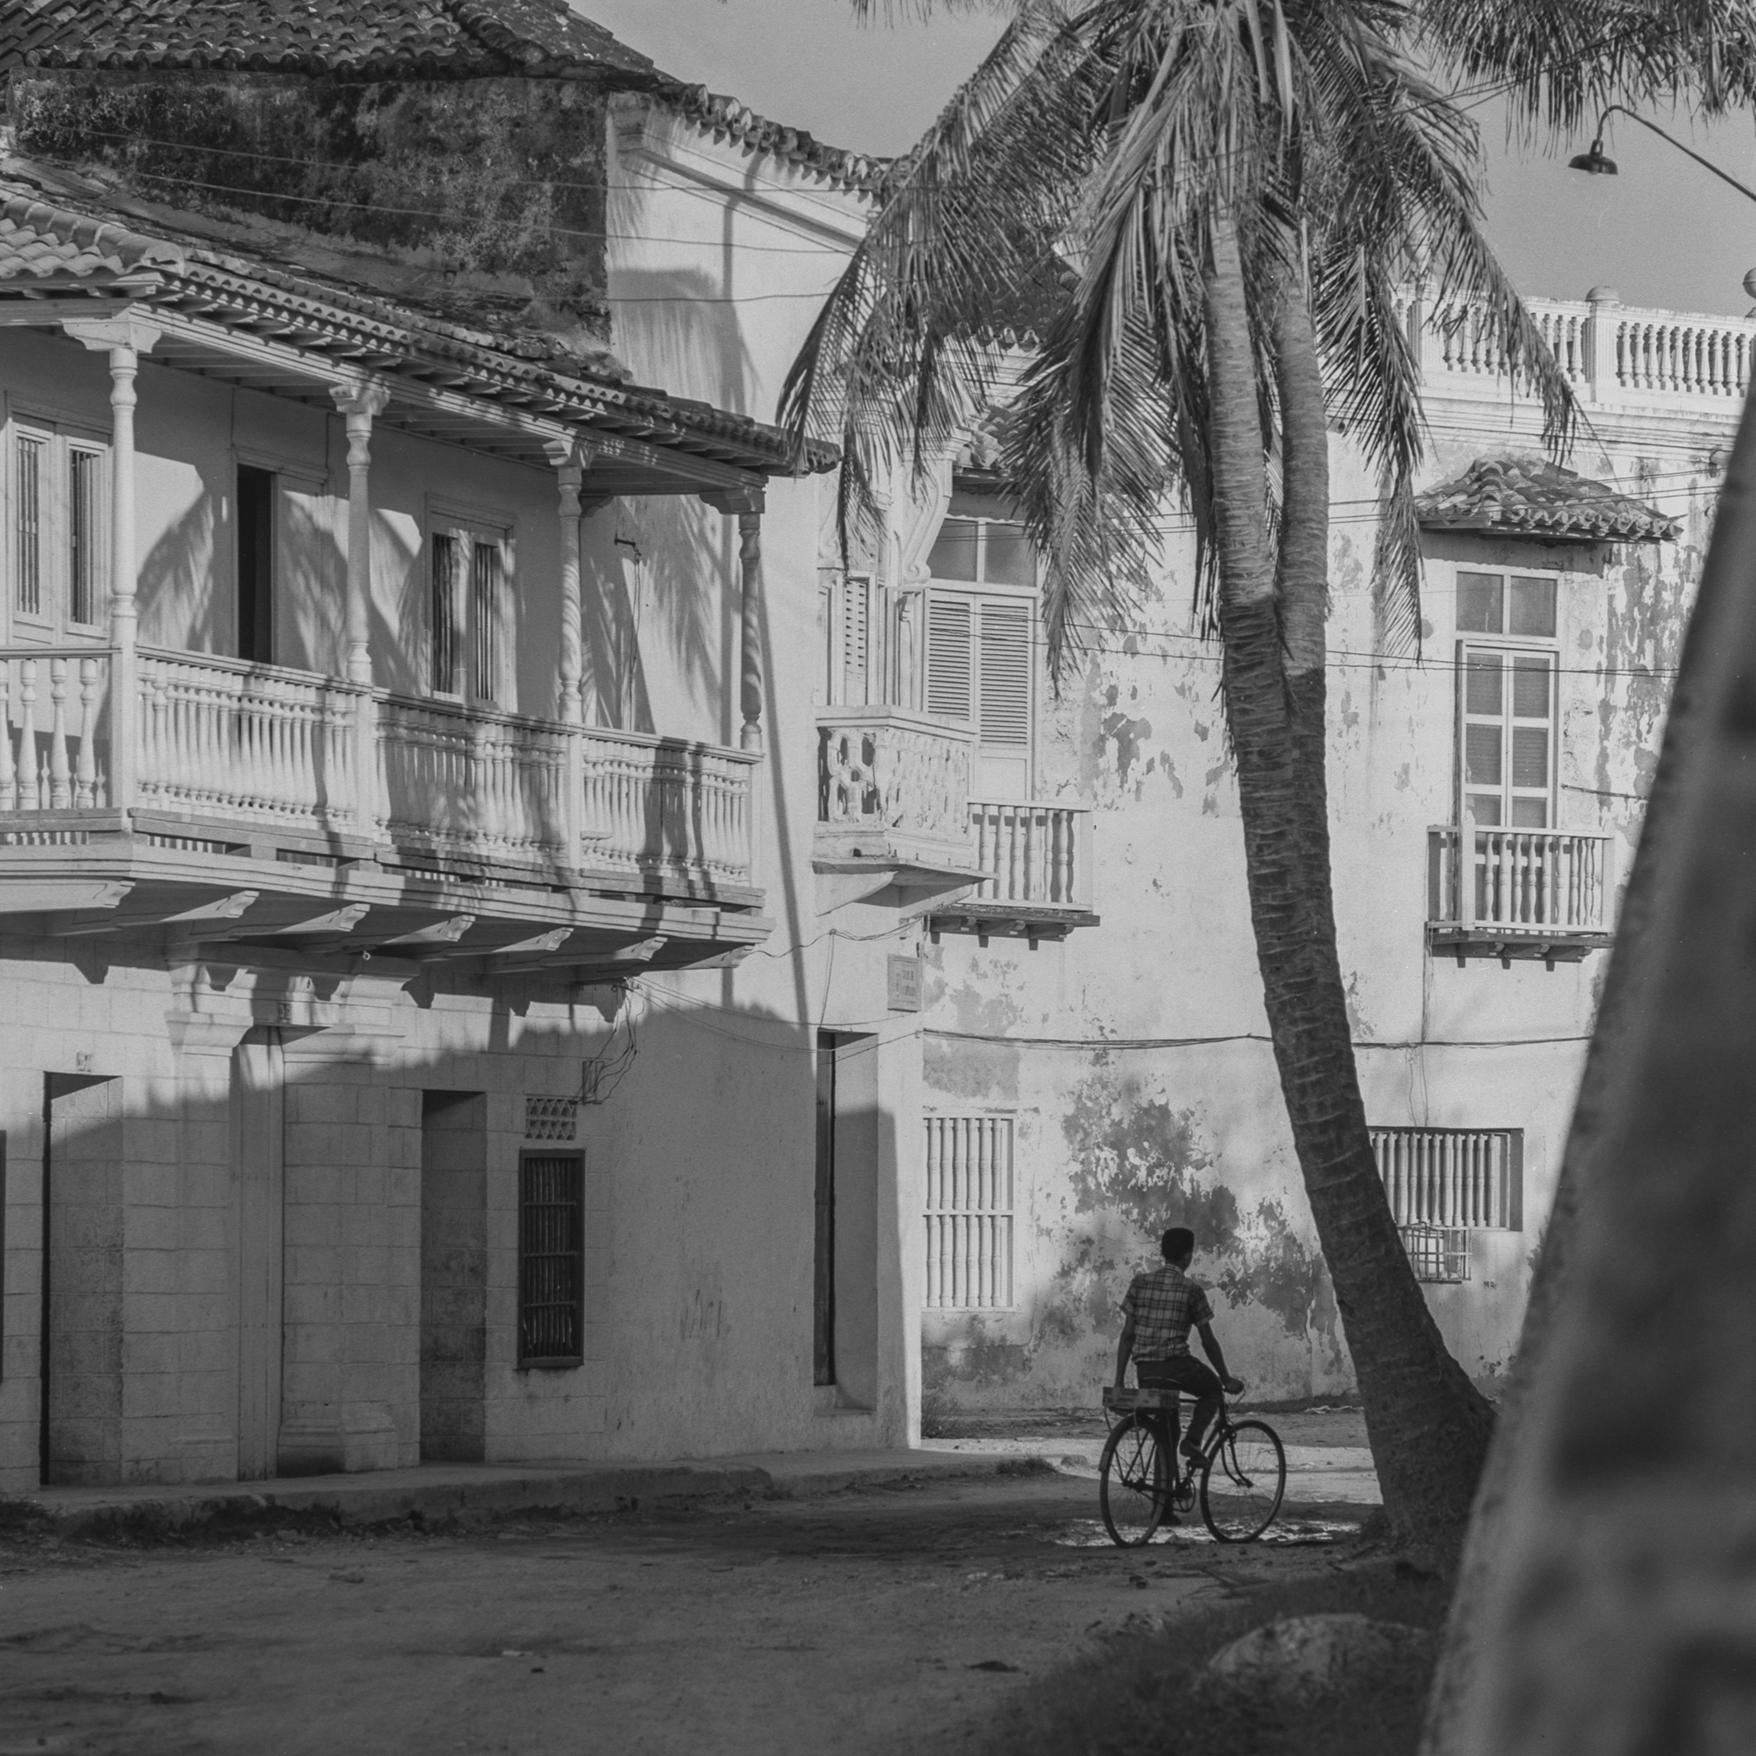 Cartagena de Indias, Colombia. 1969.